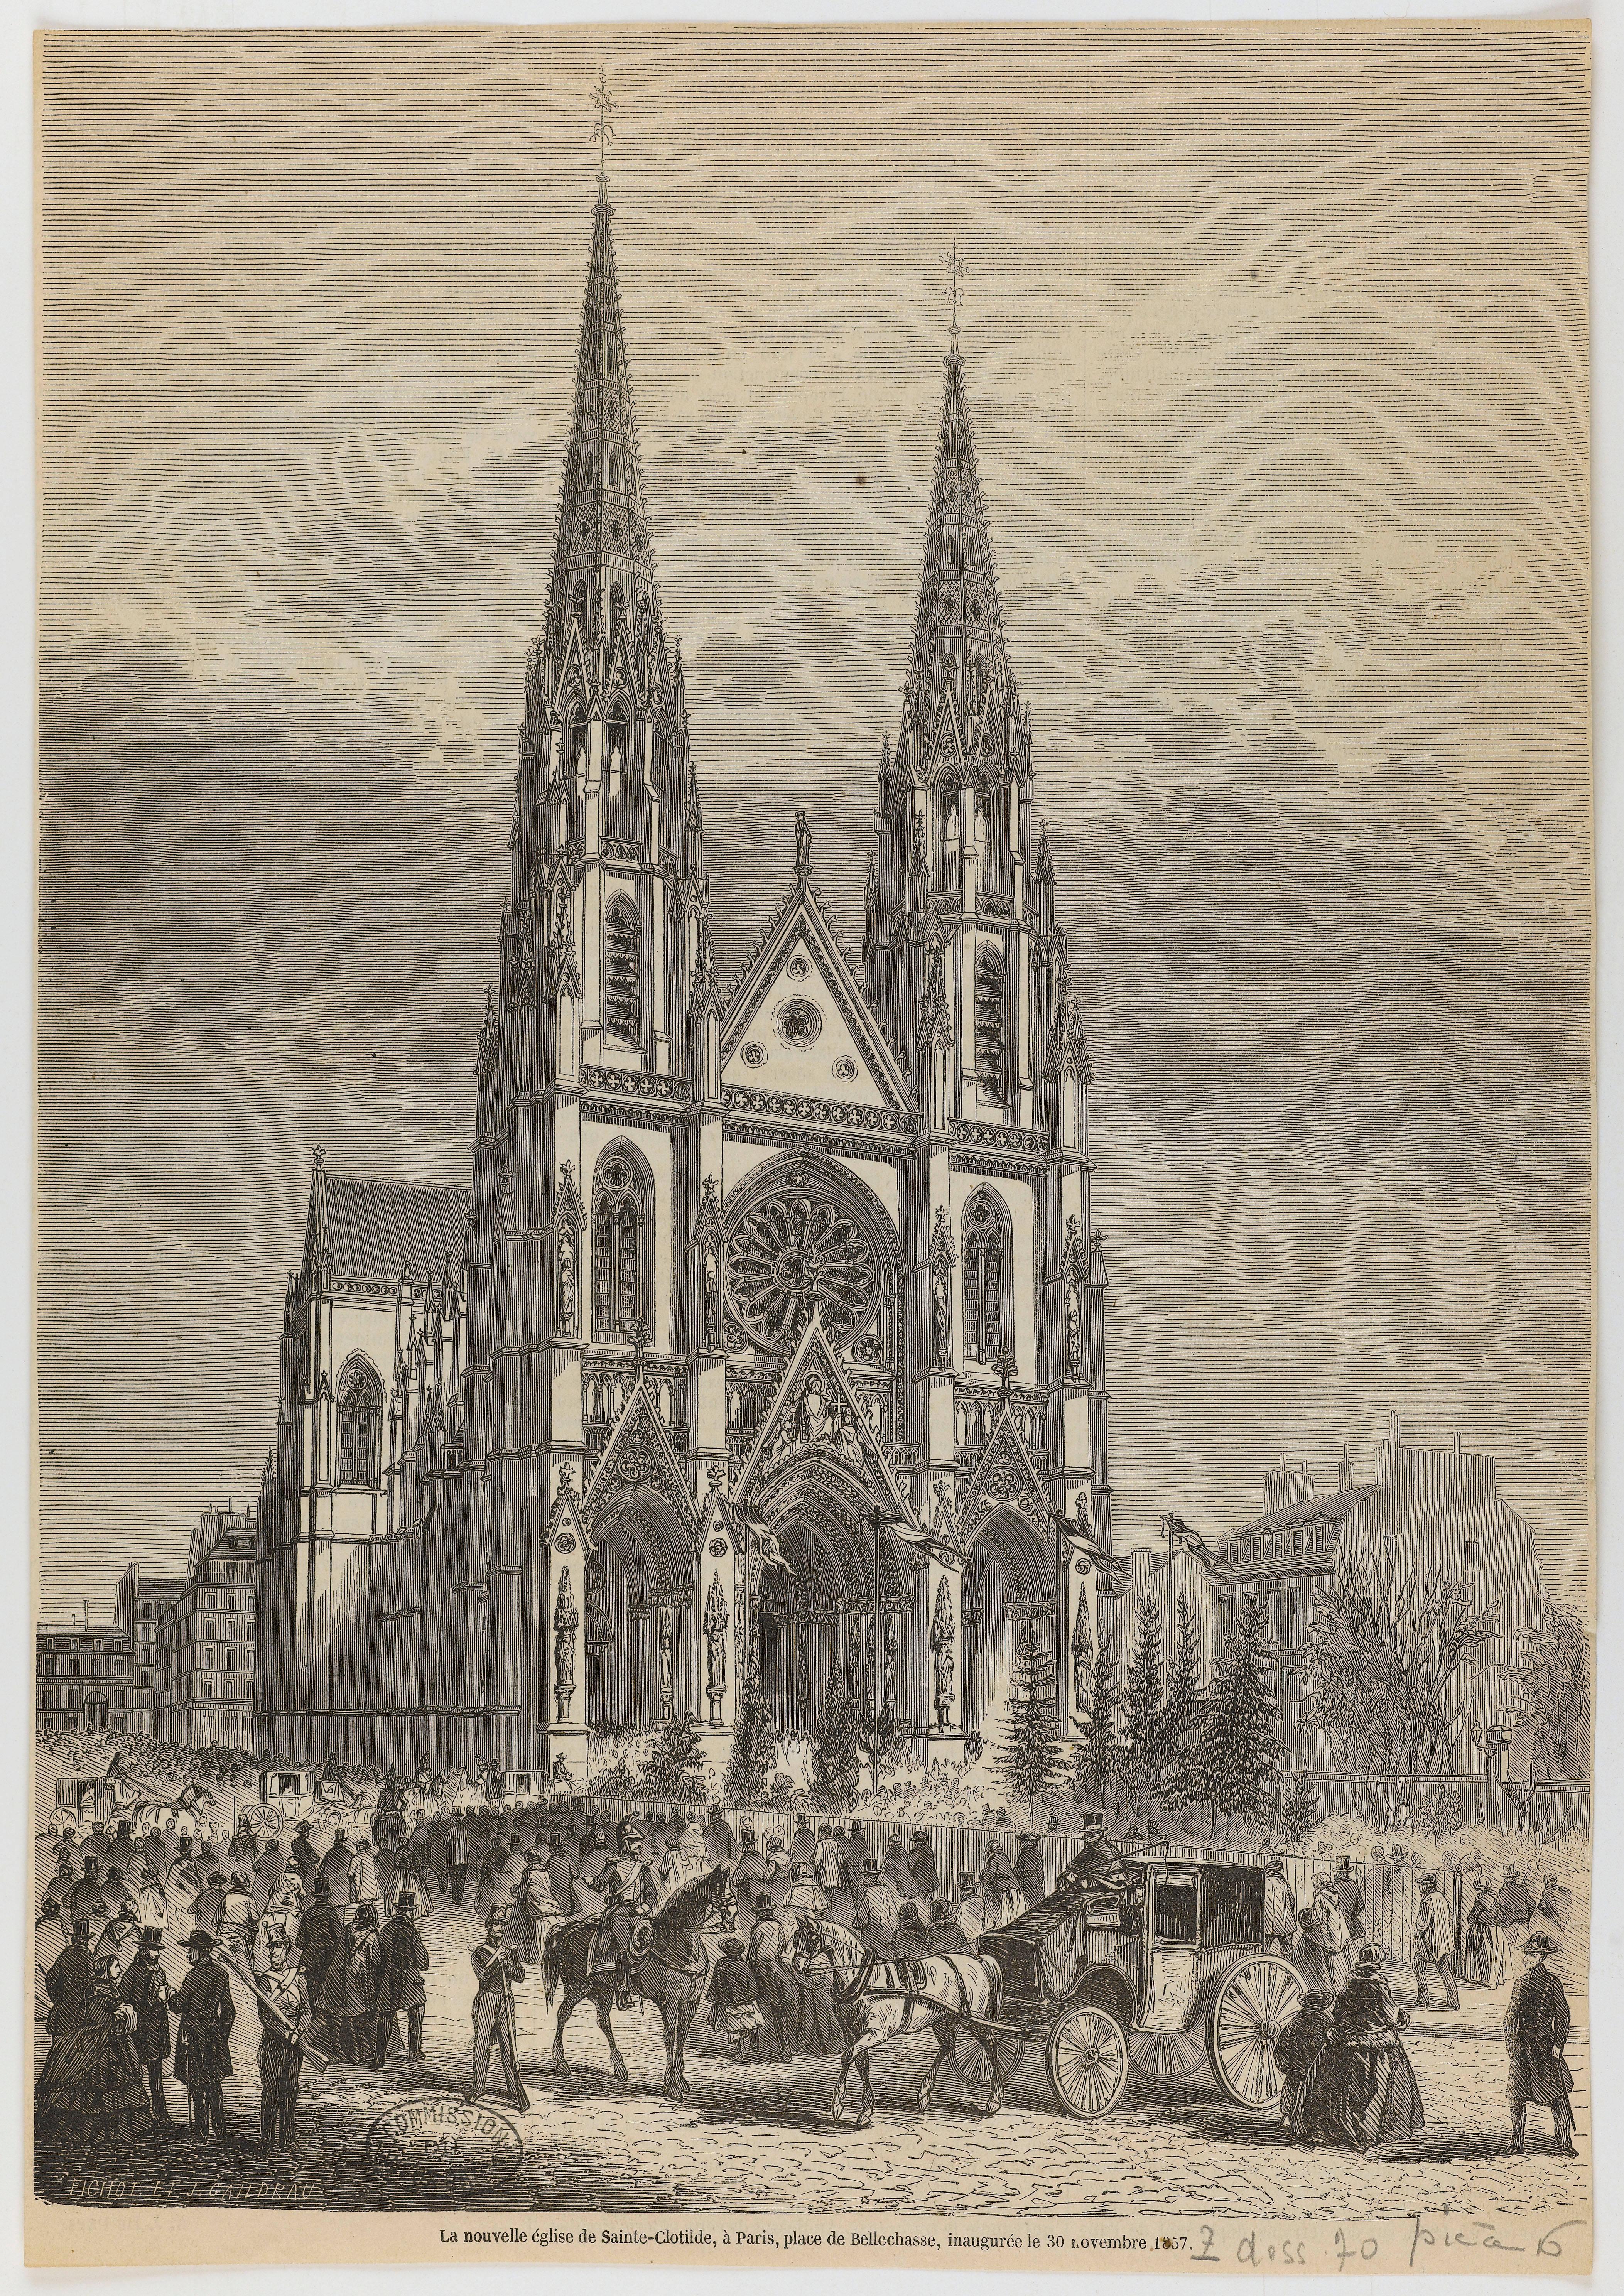 Eglise Sainte-Clotilde, 23 bis rue Las Cases. Paris (7e arr.).Gravure, papier (tirage en provenance d'une revue), 22,8 x 32,7 cm, s. d.© Fichet et J. Caildrau / DHAAP / Roger-Viollet.